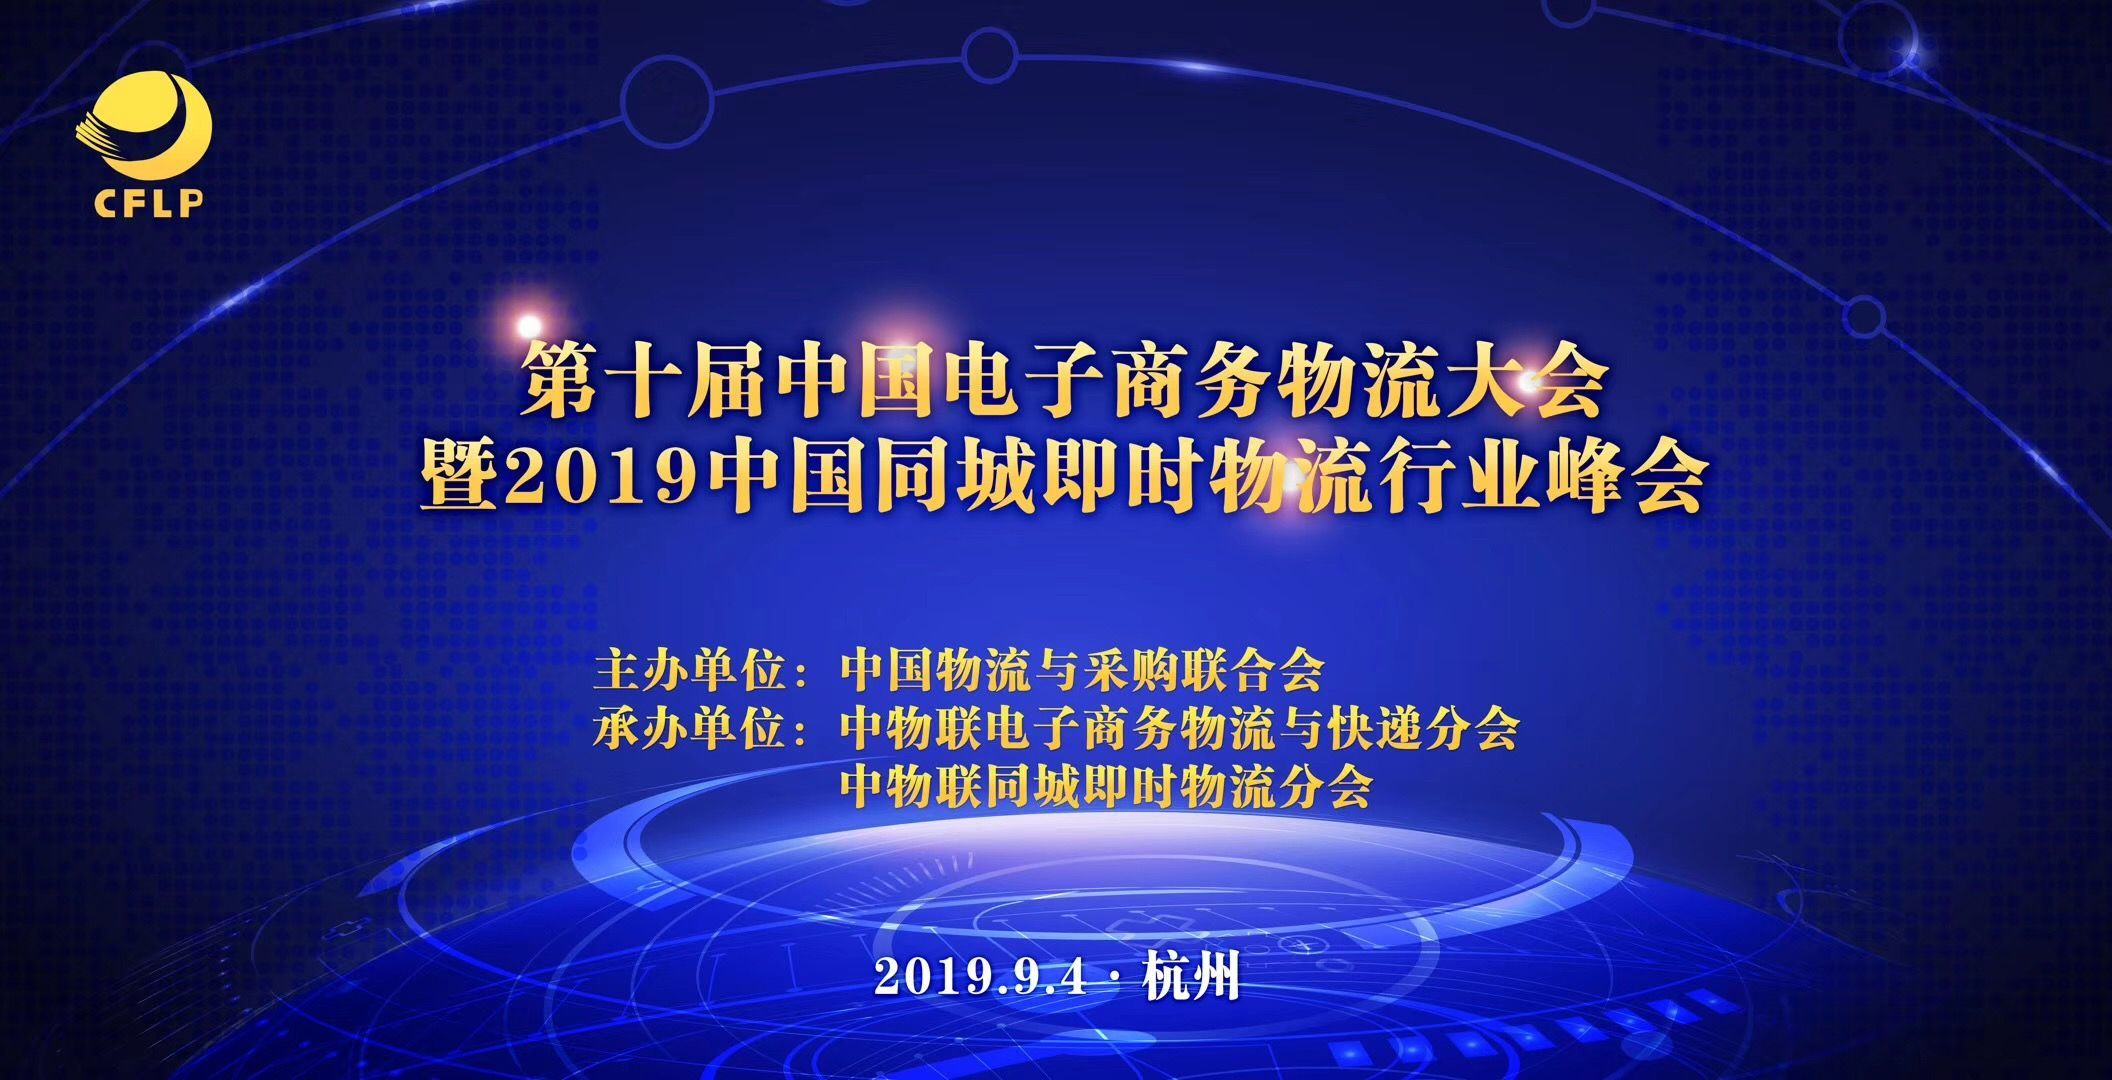 9月4日·杭州 | 第十届中国电子商务物流大会暨2019中国同城即时物流行业峰会